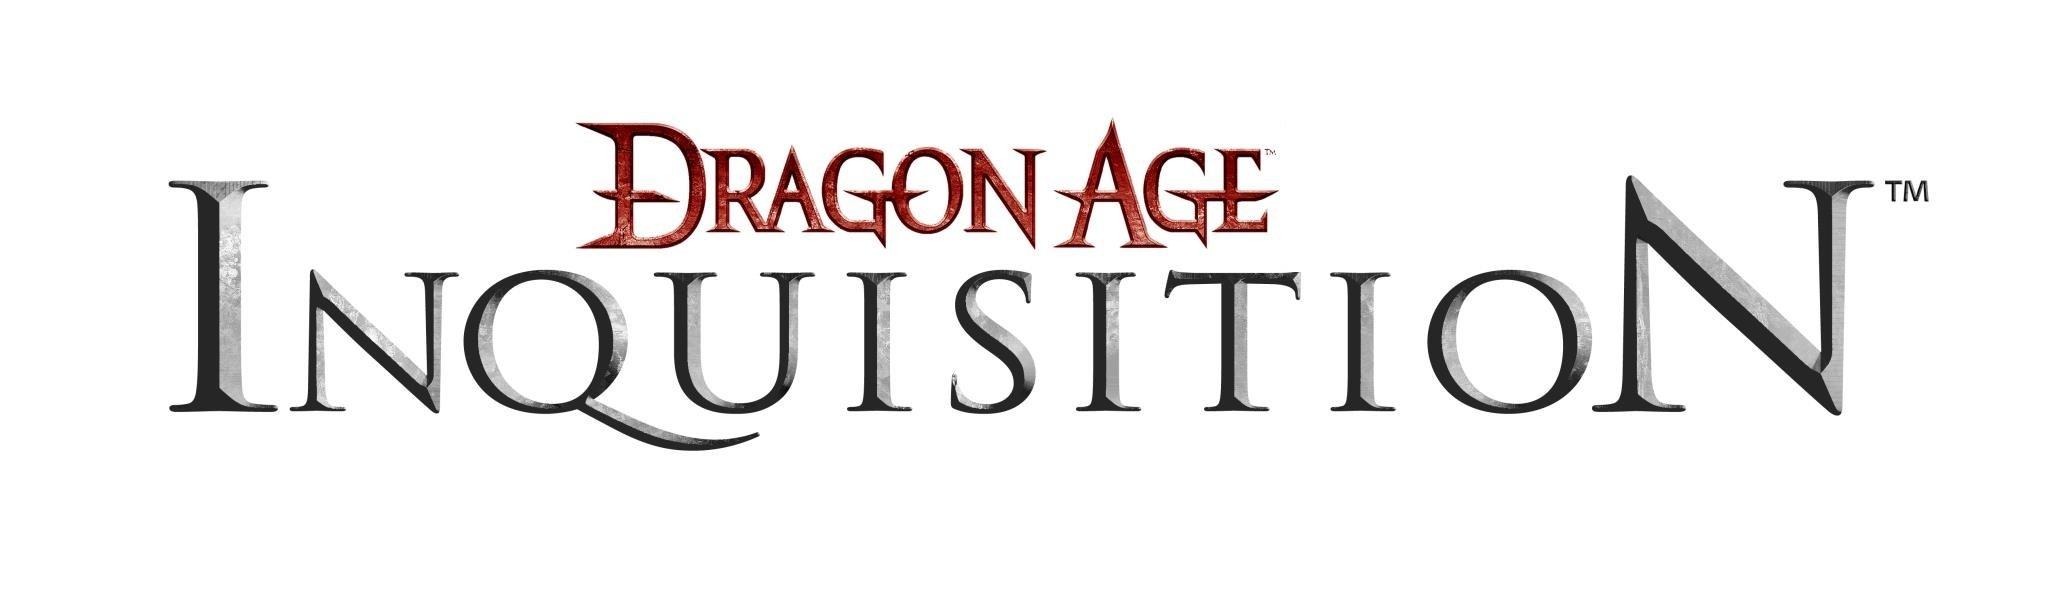 Dragon Age: Inquisition За какую расу и класс  будете играть?. - Изображение 1